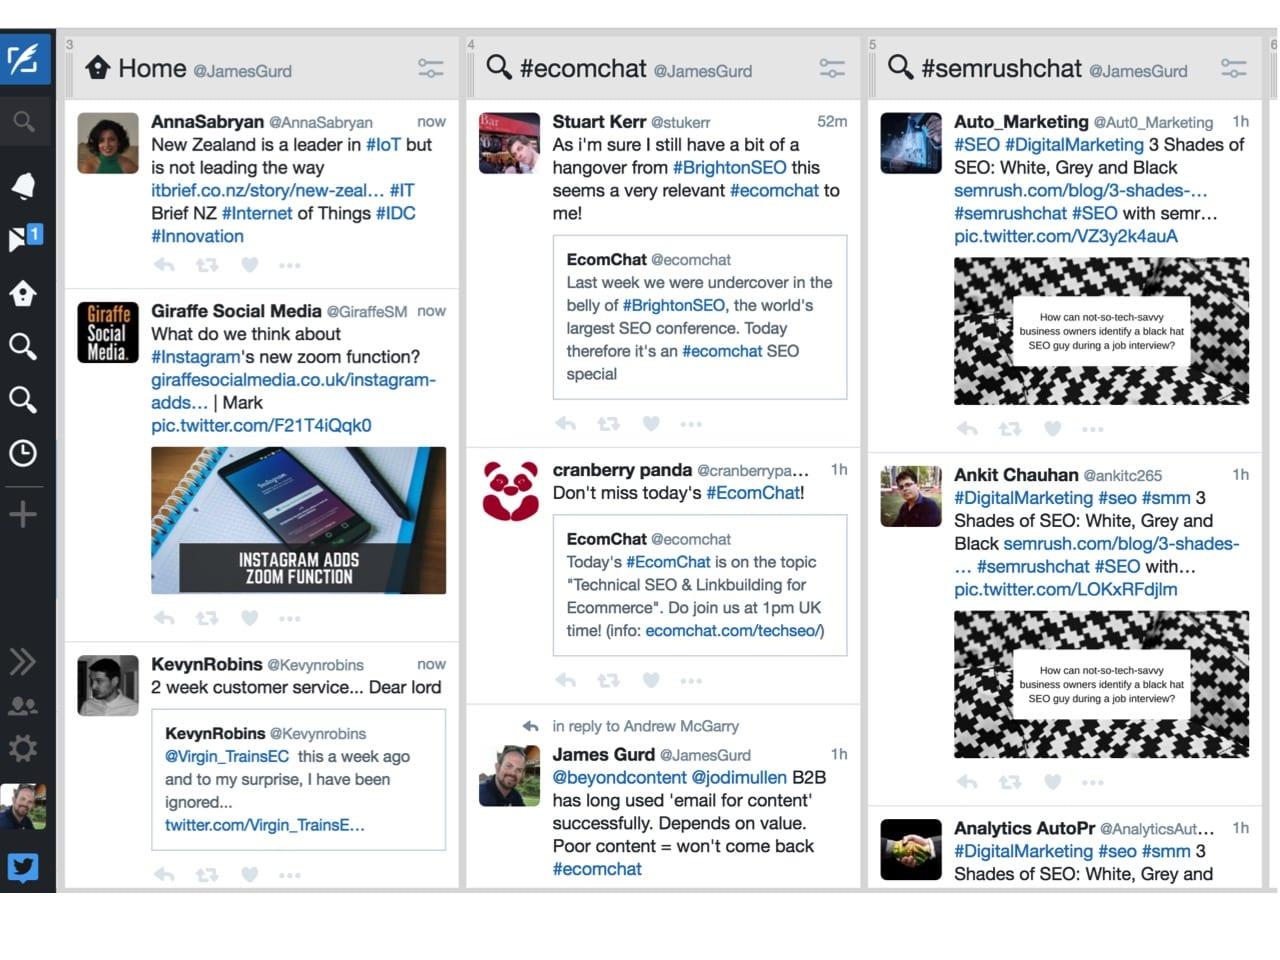 Tweetdeck custom dashboard